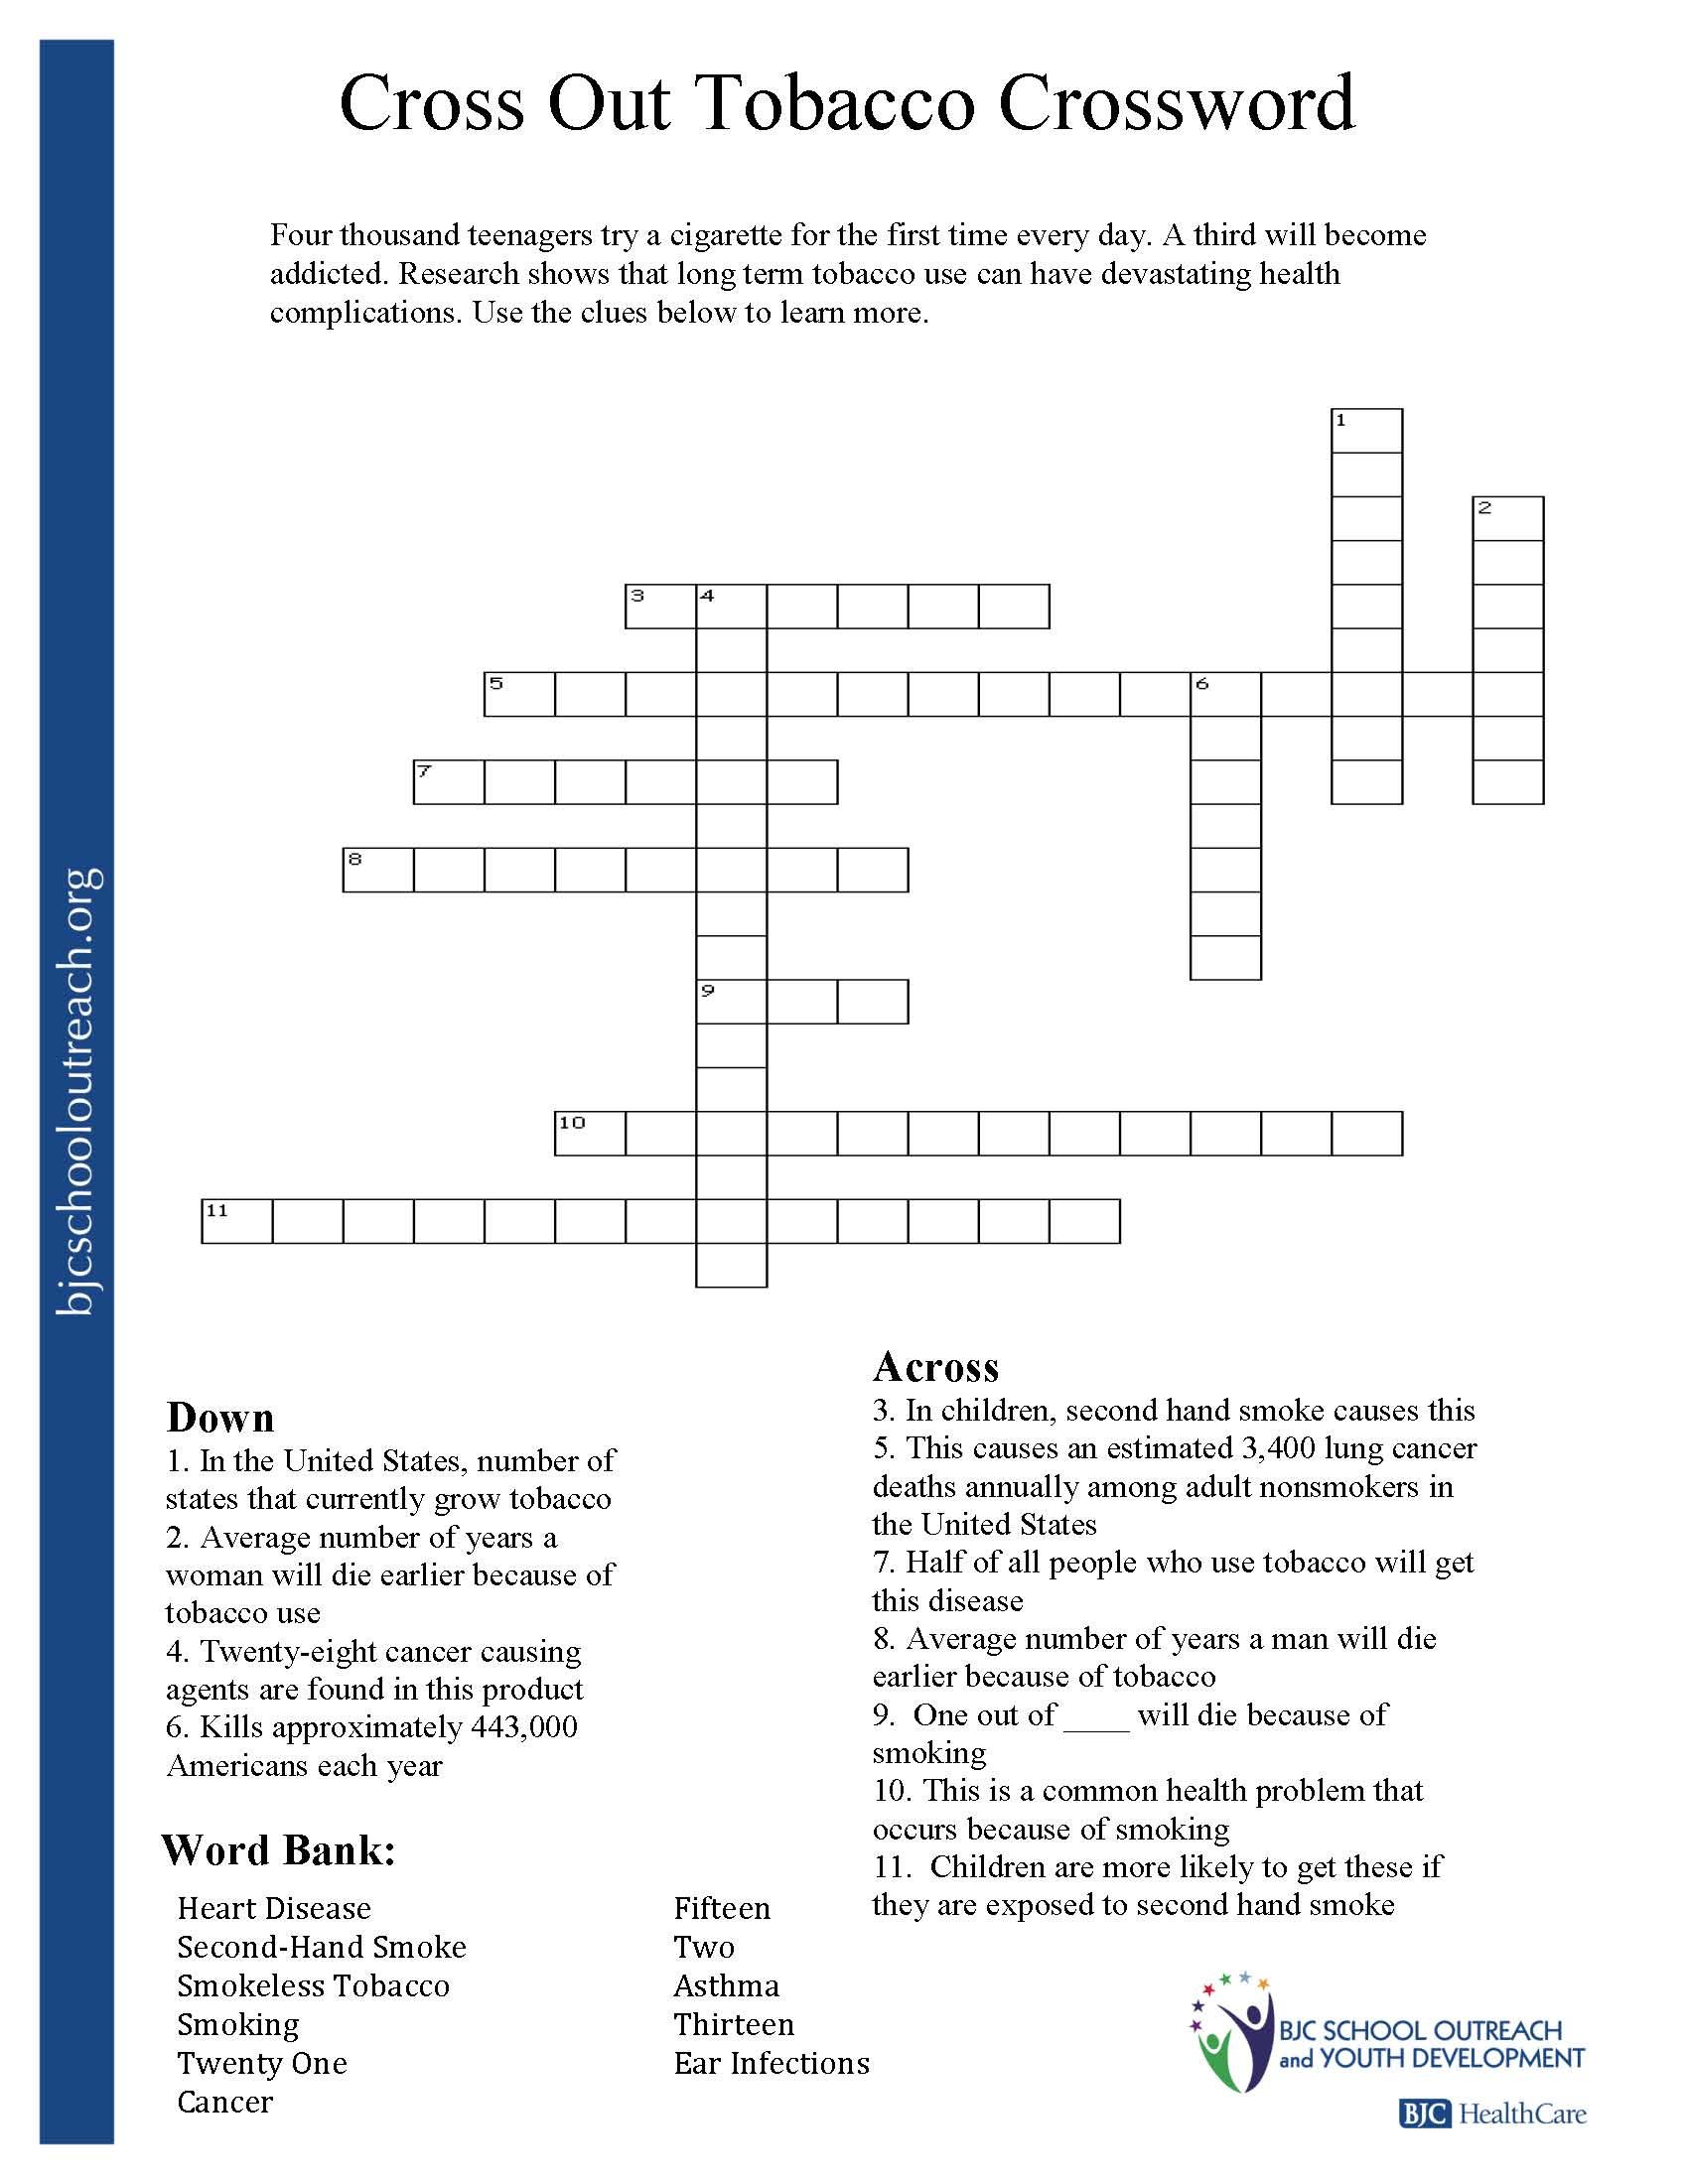 Respect Crossword Puzzle Printable